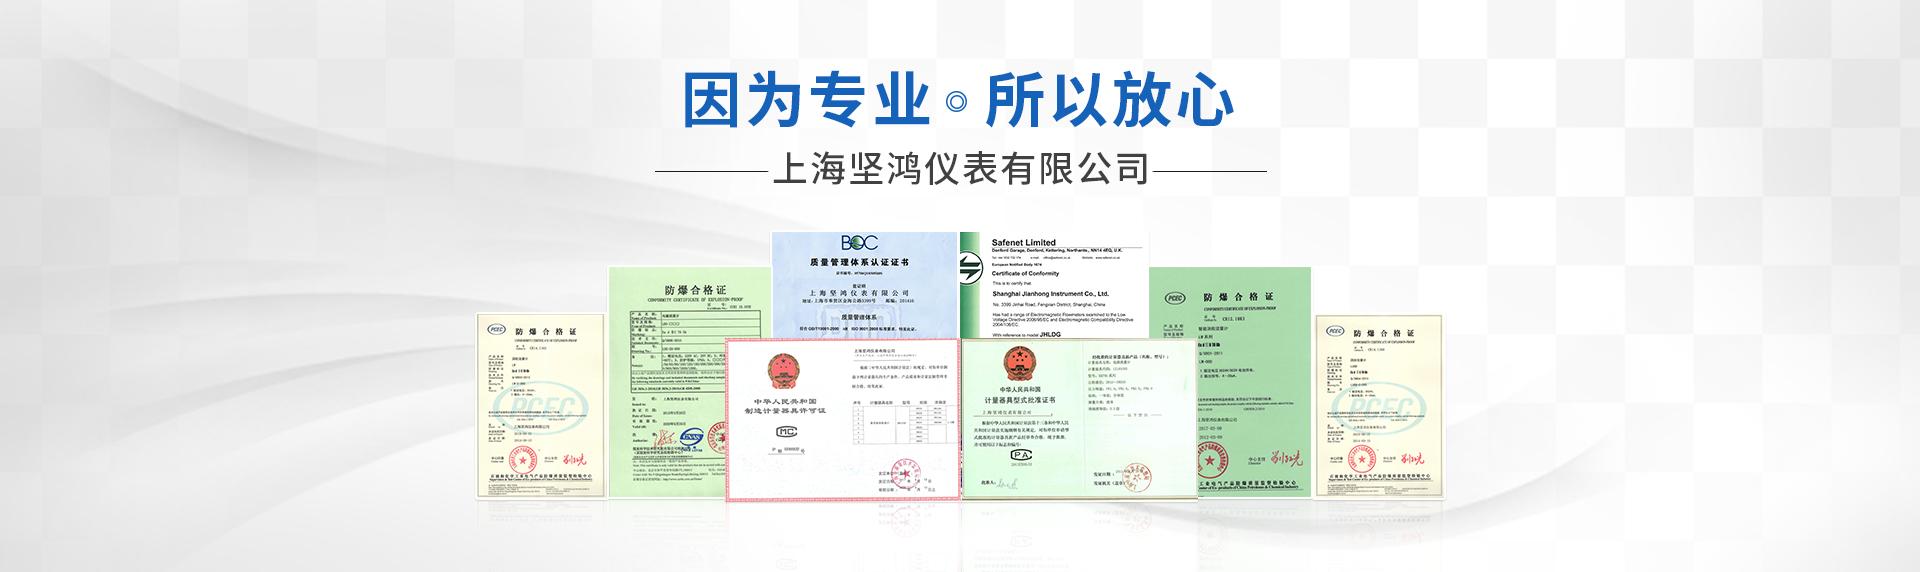 荣誉资质-上海坚鸿仪表有限公司